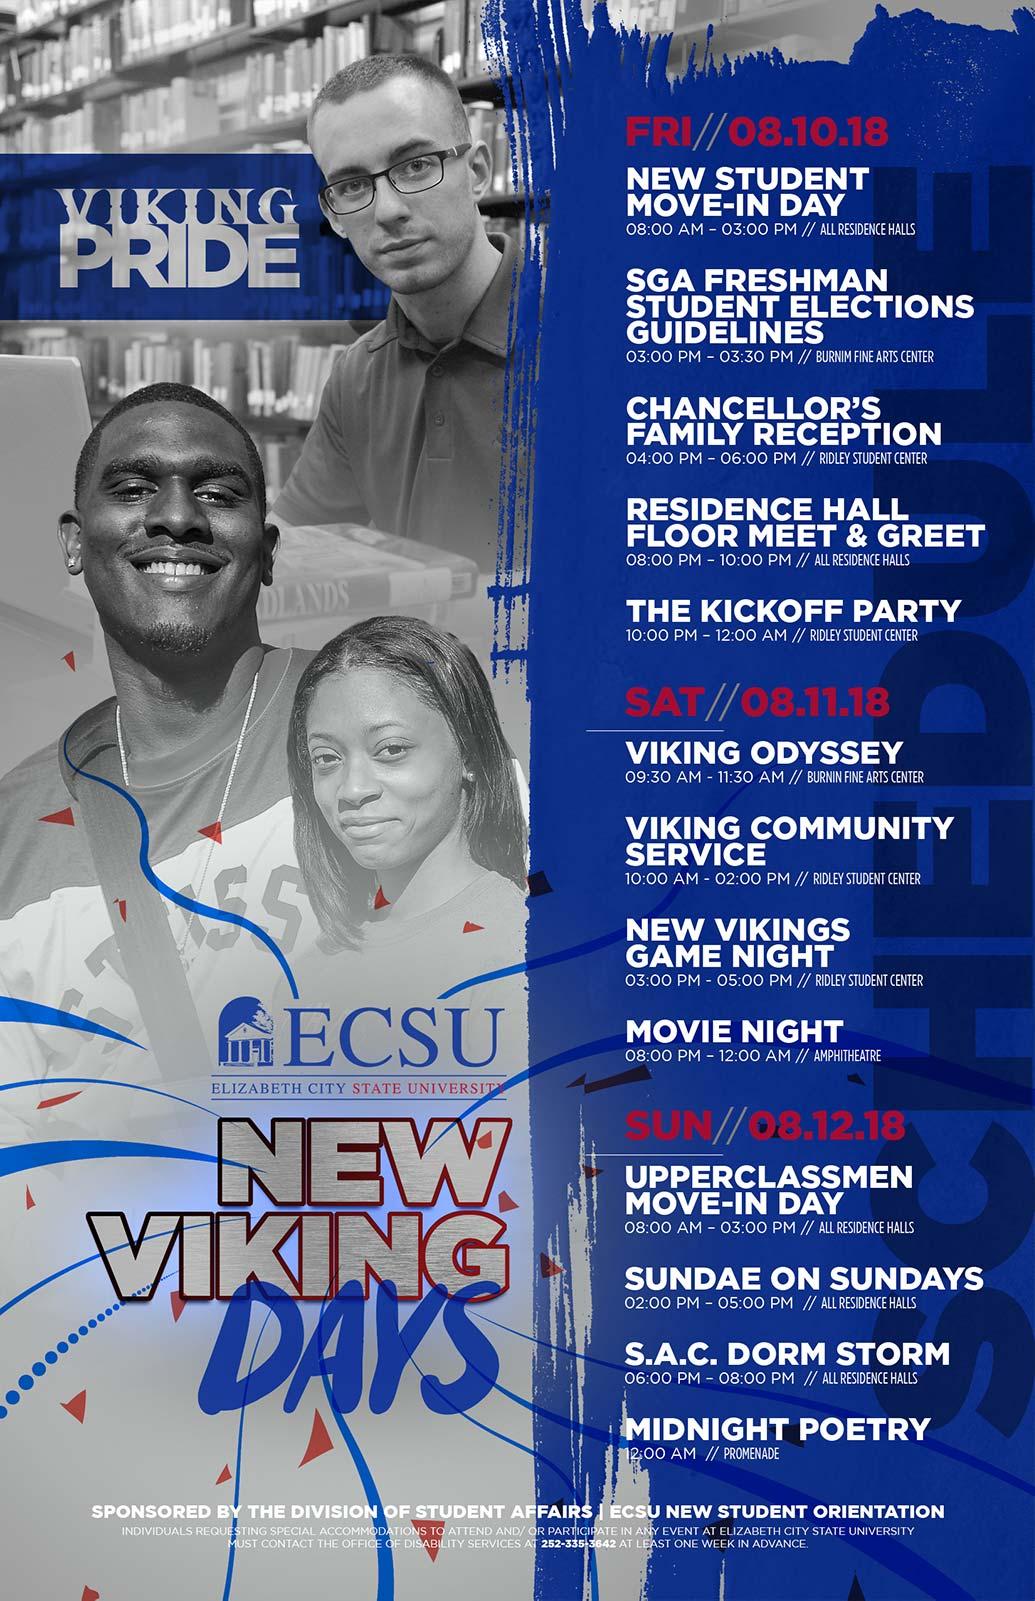 New Viking Days Event Schedule